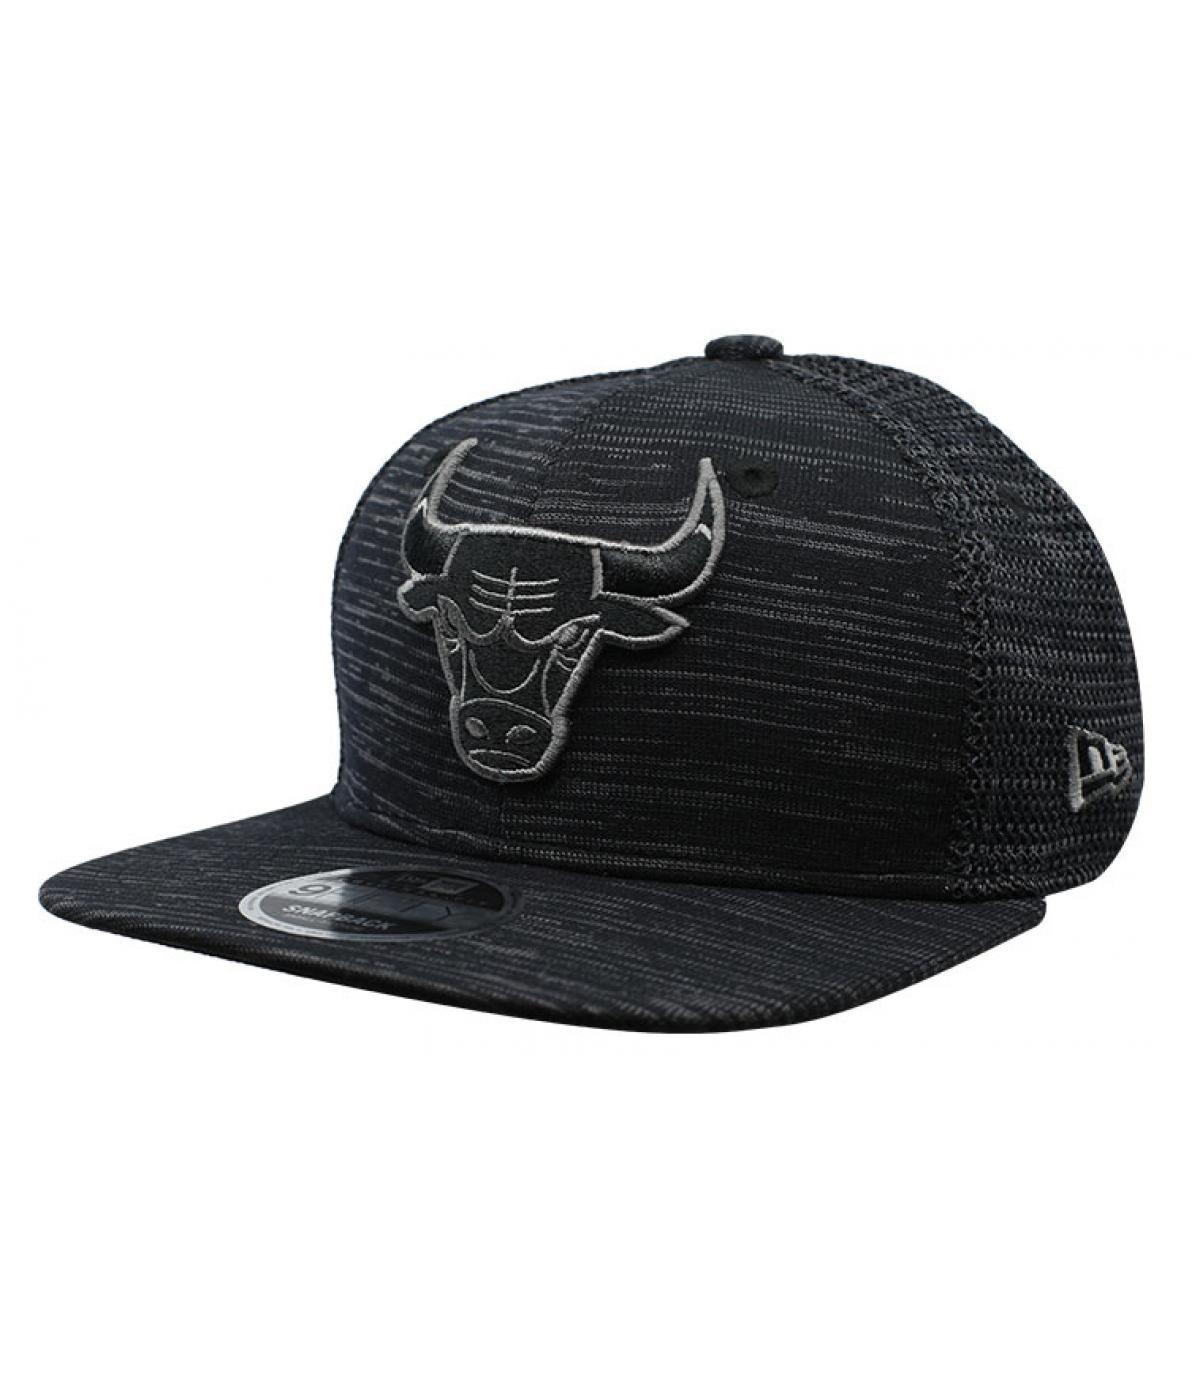 Black Bulls Engineered Snapback